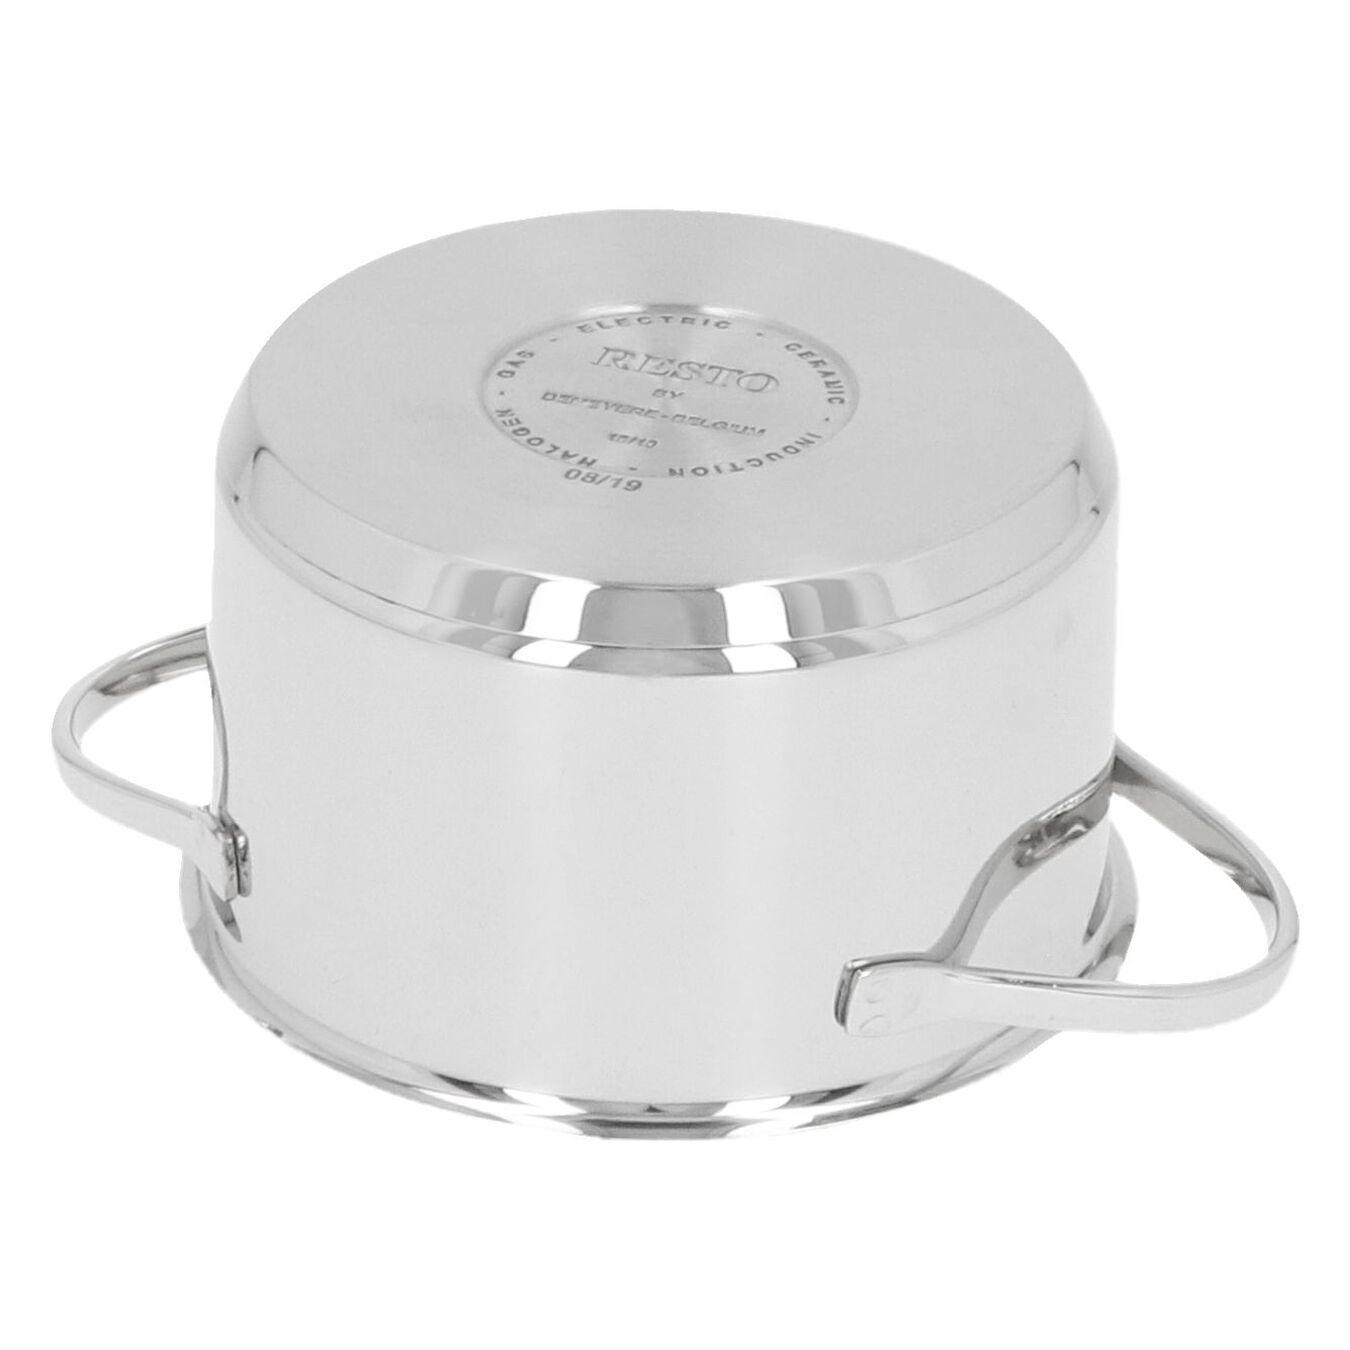 Set de casseroles, 4-pces,,large 12